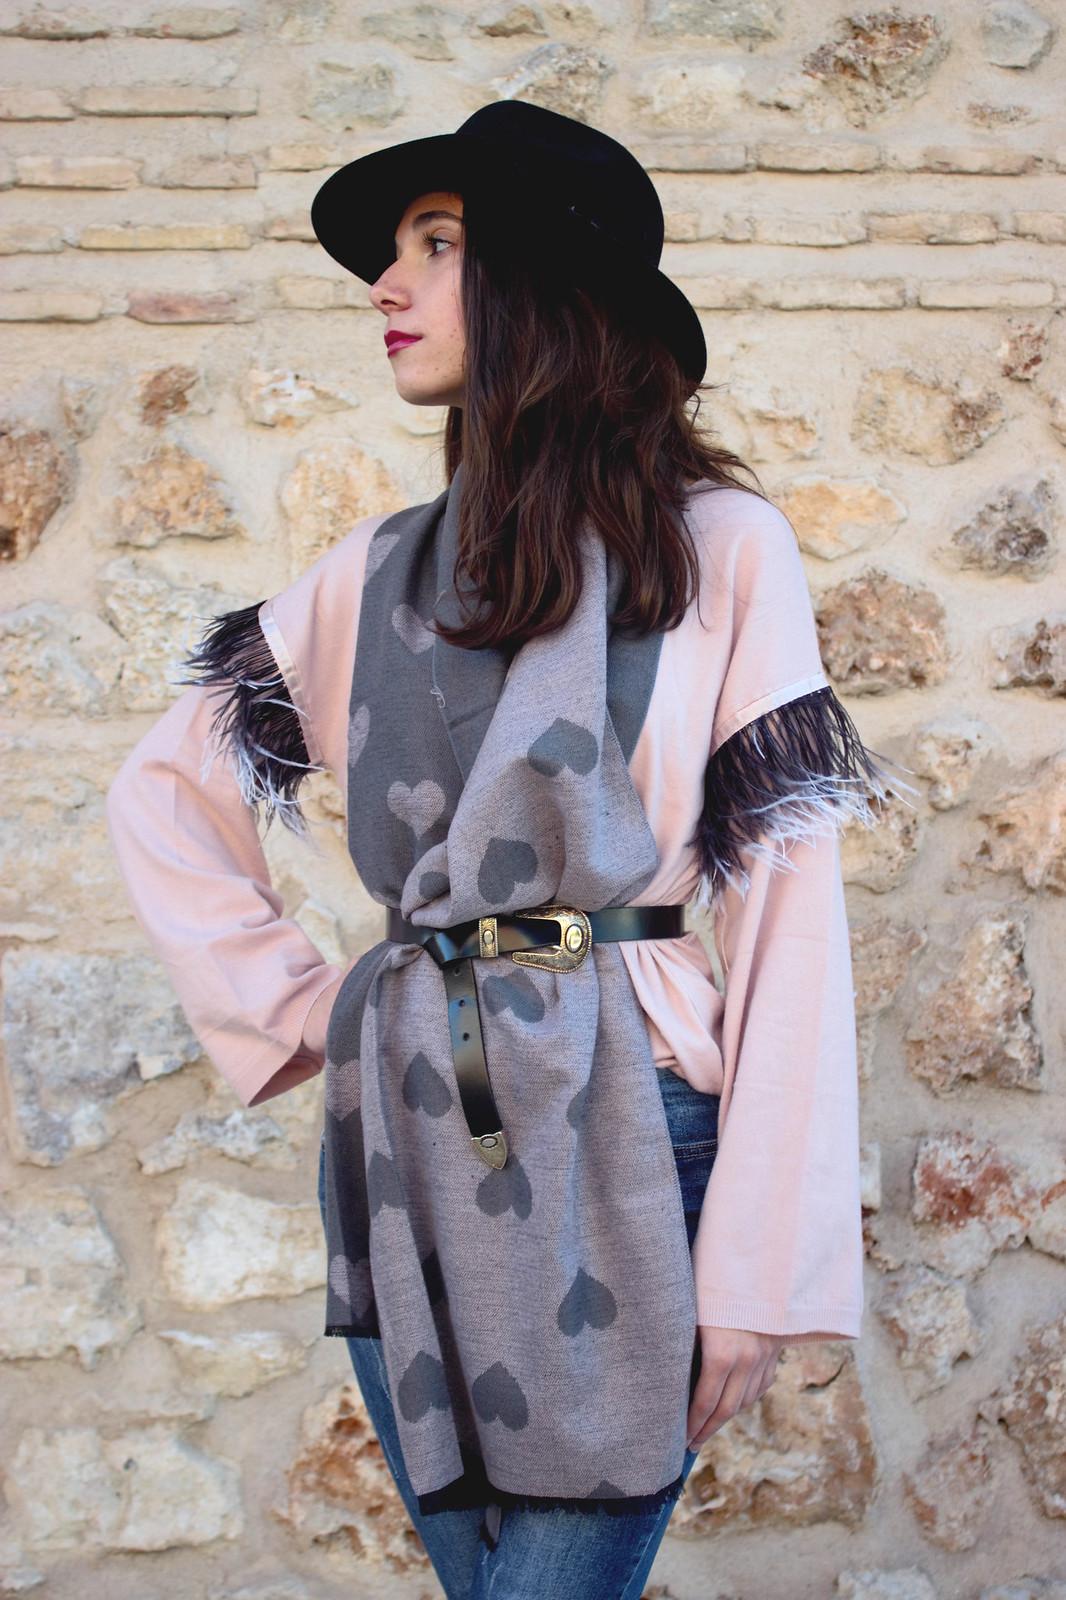 madlula-newcollection-moda-femenina-sweater-paris-rosa-pashmina-love-gris-y-rosa-edición-limitada